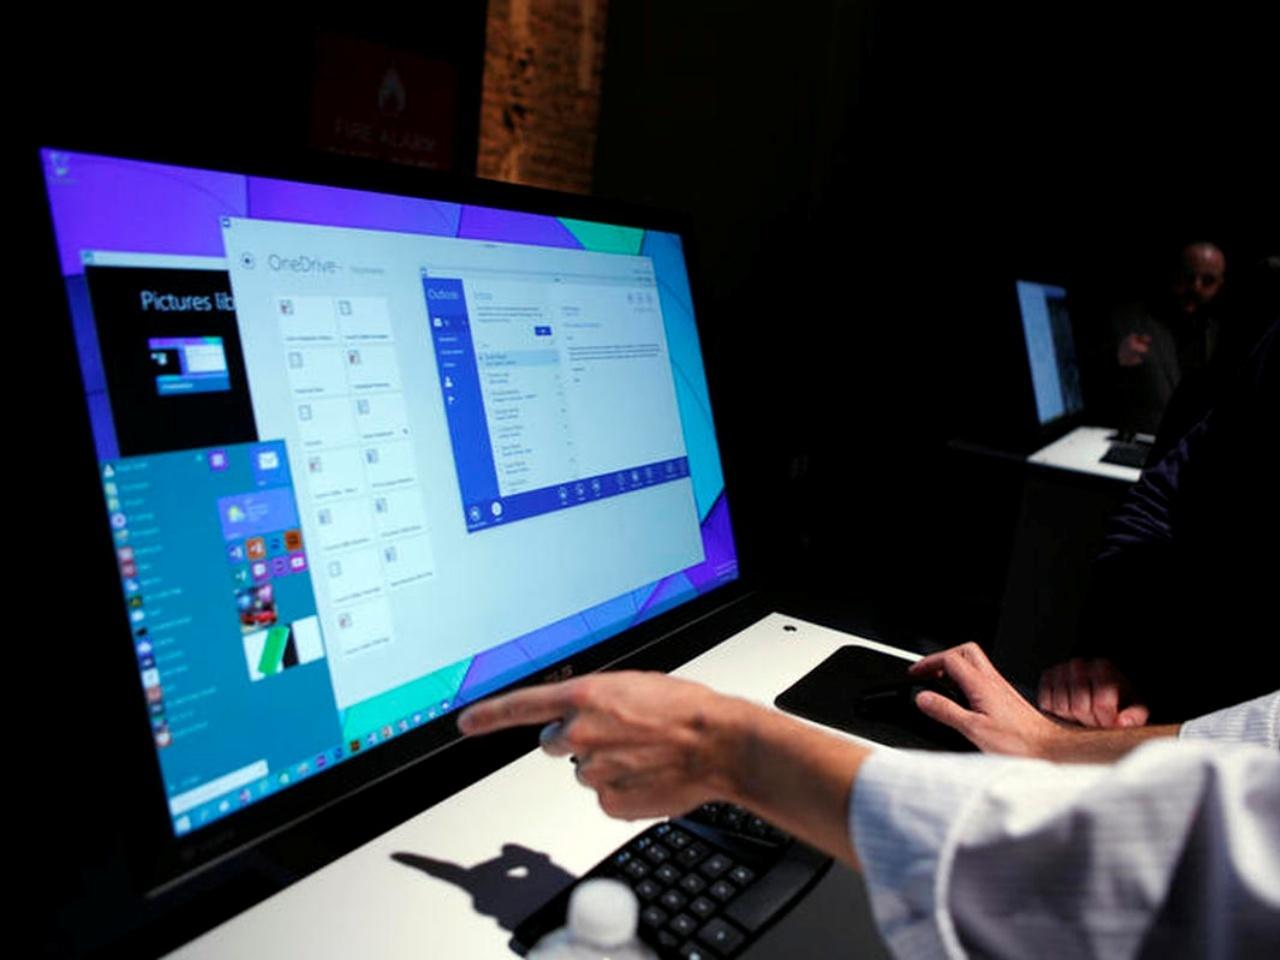 マイクロソフトとNISTが協力、企業のパッチ適用ガイドを策定へ